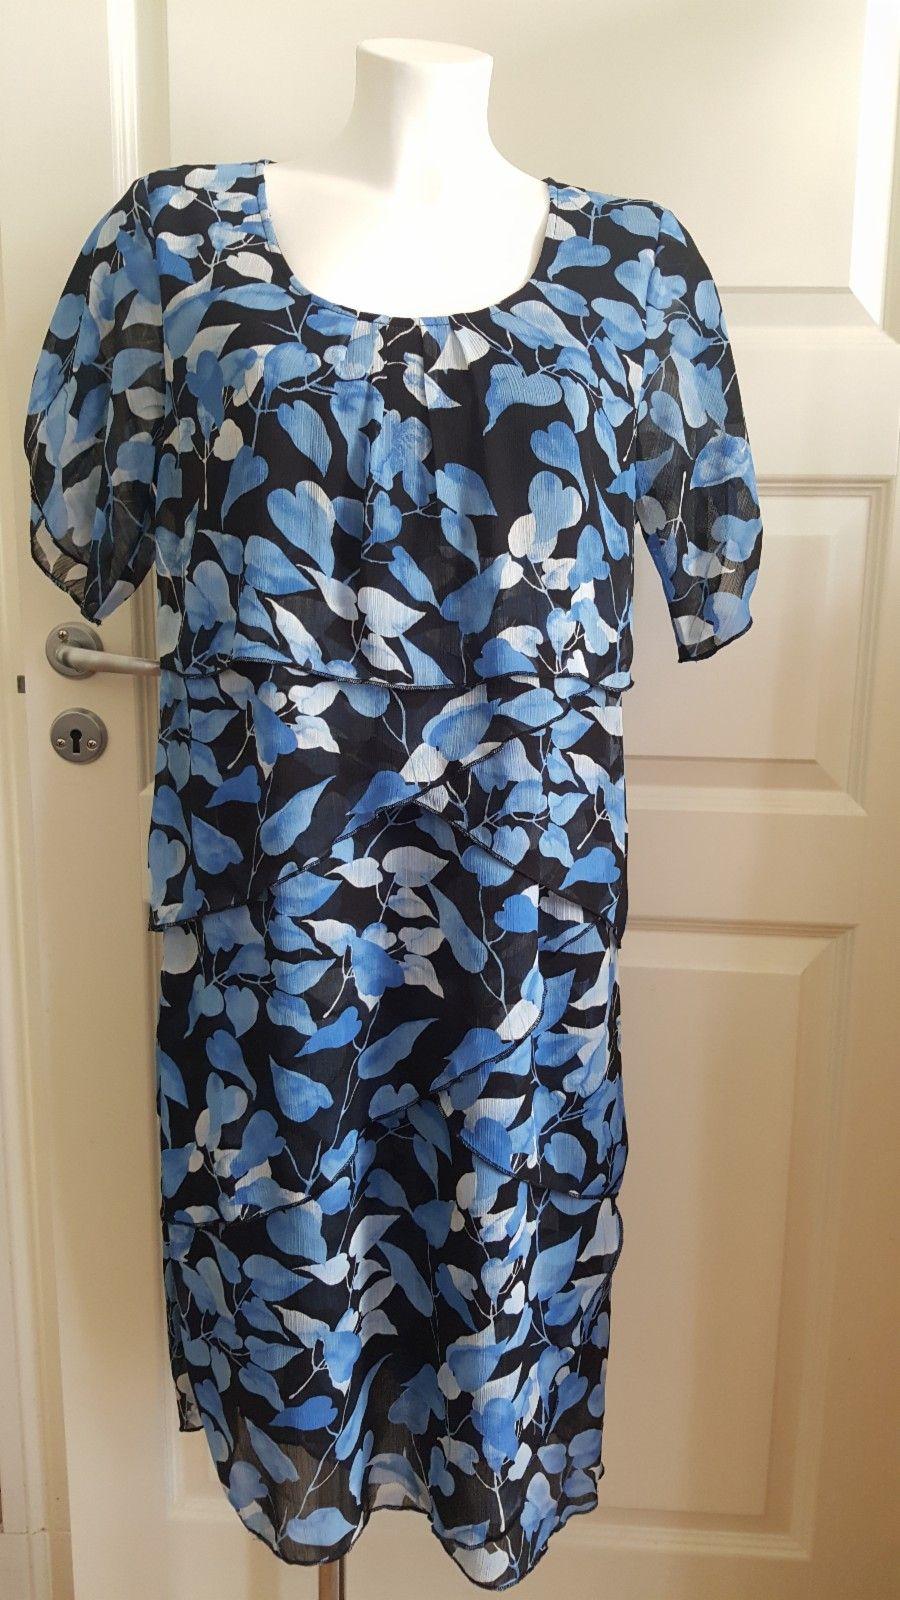 Lekker kjole. Sort med BLÅ blader. HANNA. | FINN.no